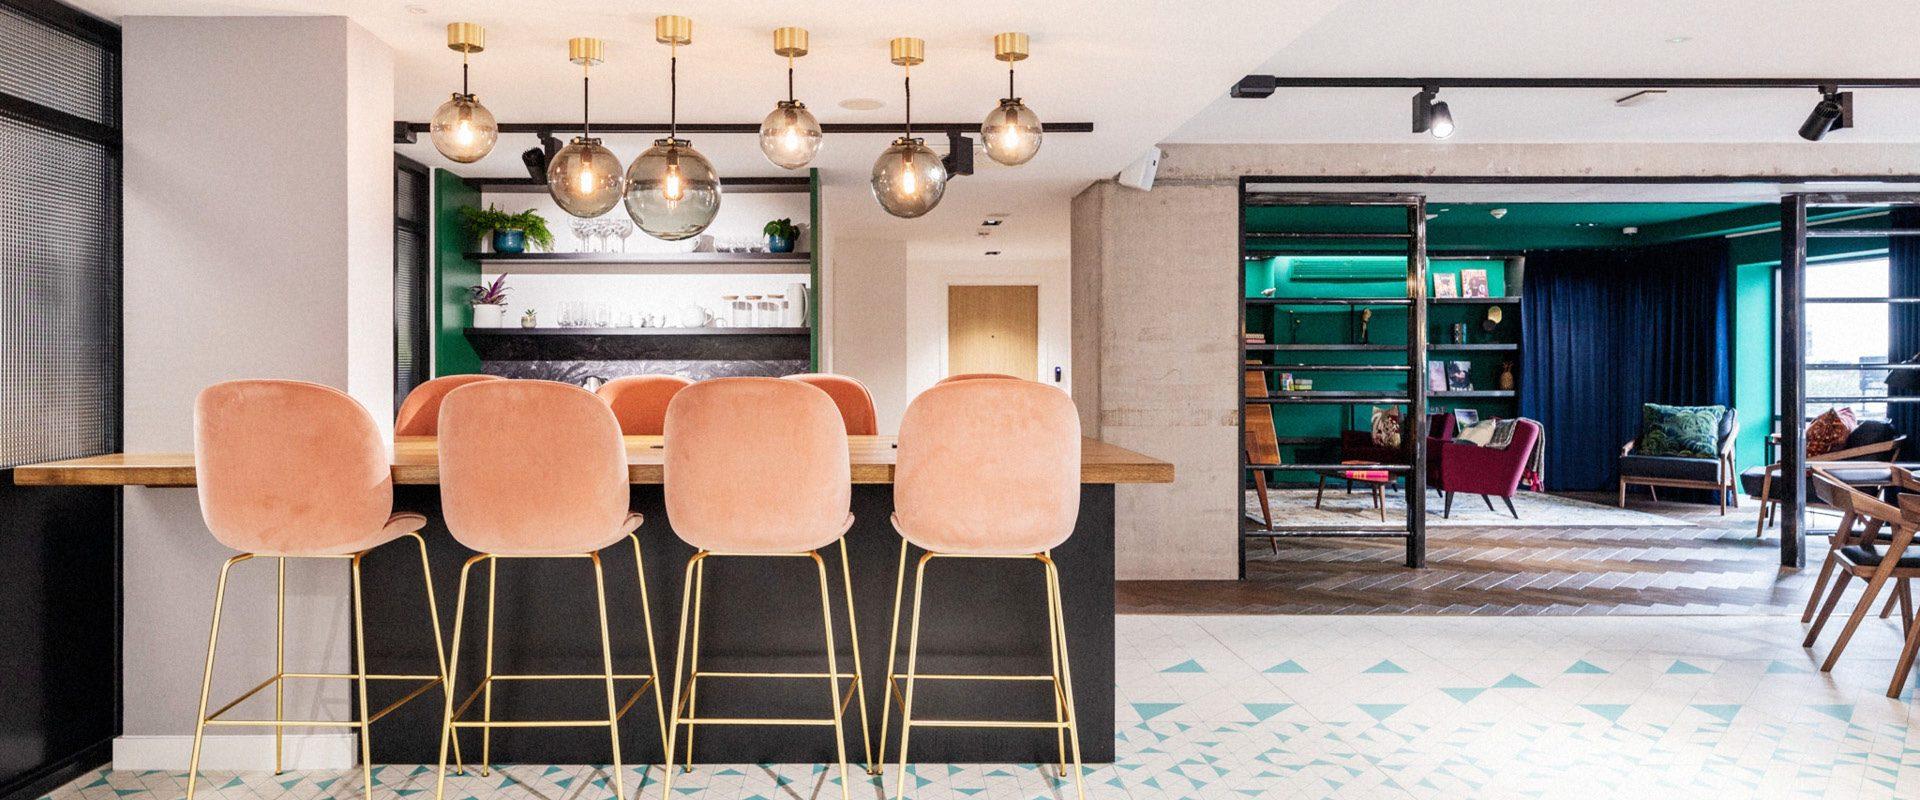 The Lansdowne - Way of Life - Lounge